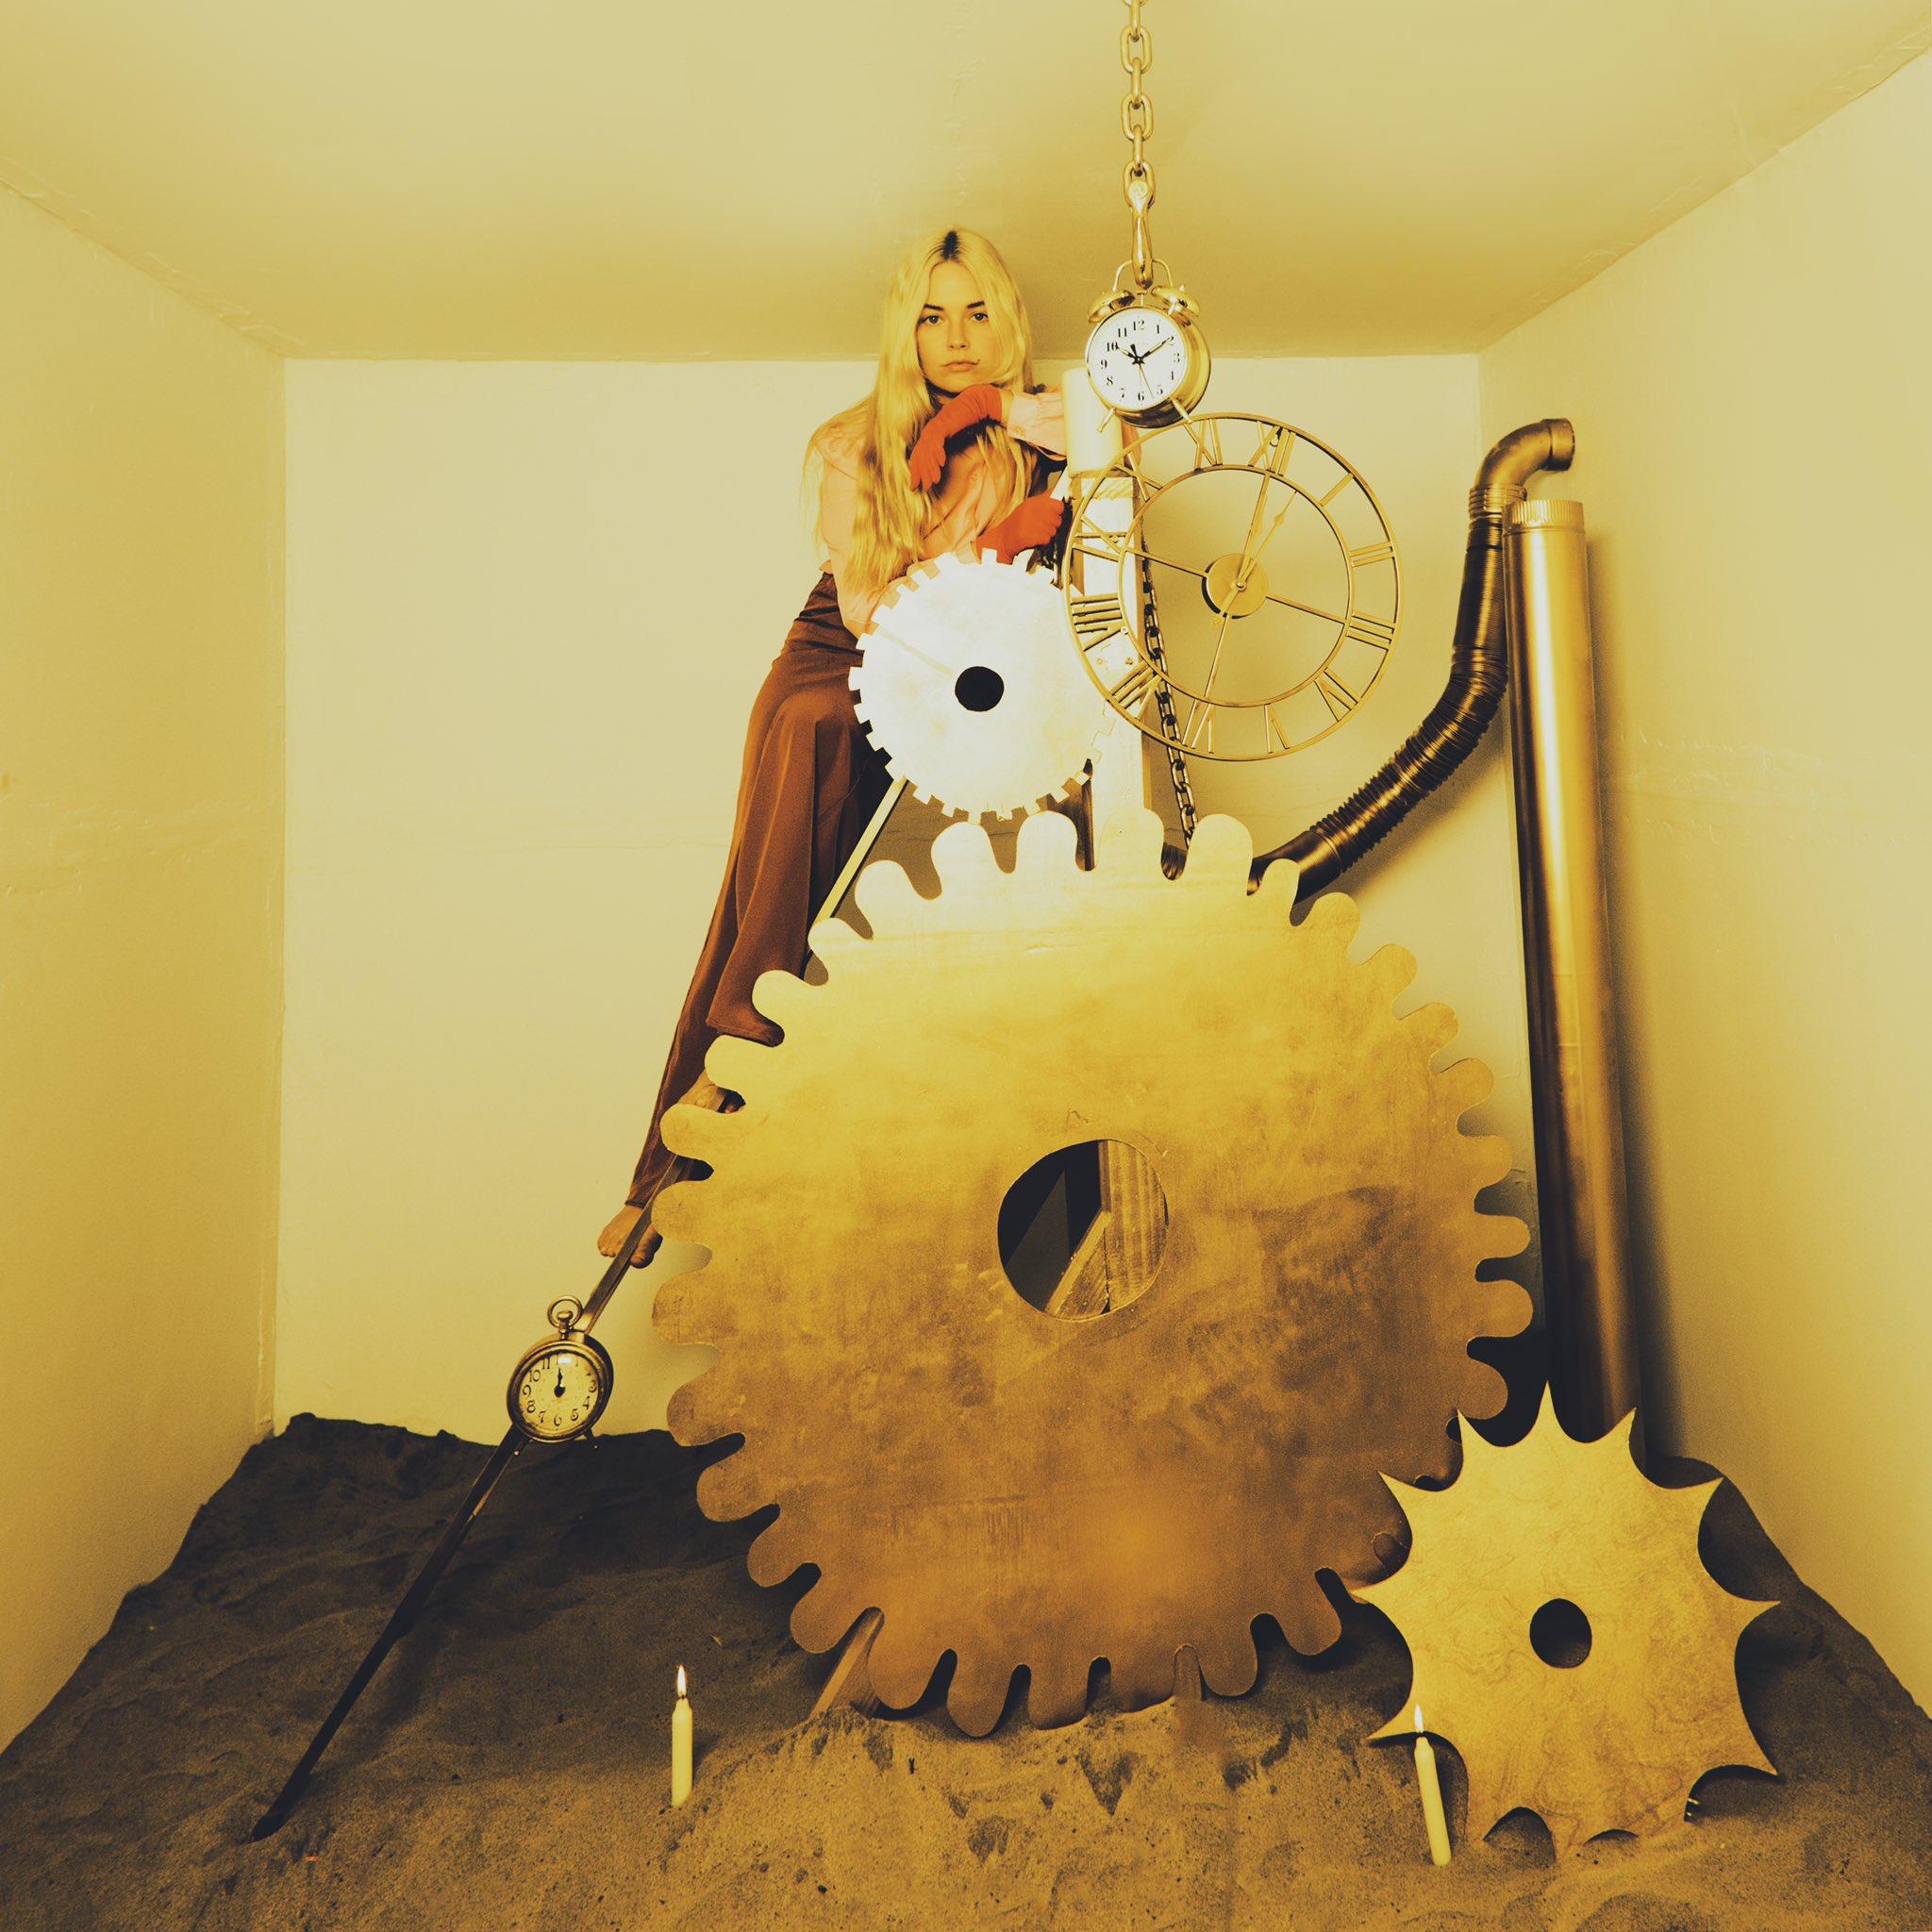 A imagem mostra a cantora Ashe, com os cabelos loiros soltos, calça social marrom, camisa amarela e luvas laranjas em cima de algumas engrenagens de um relógio. O fundo da imagem é branco e o chão é feito de areia, com duas velas acesas. A imagem tem uma tonalidade amarelada e envelhecida.